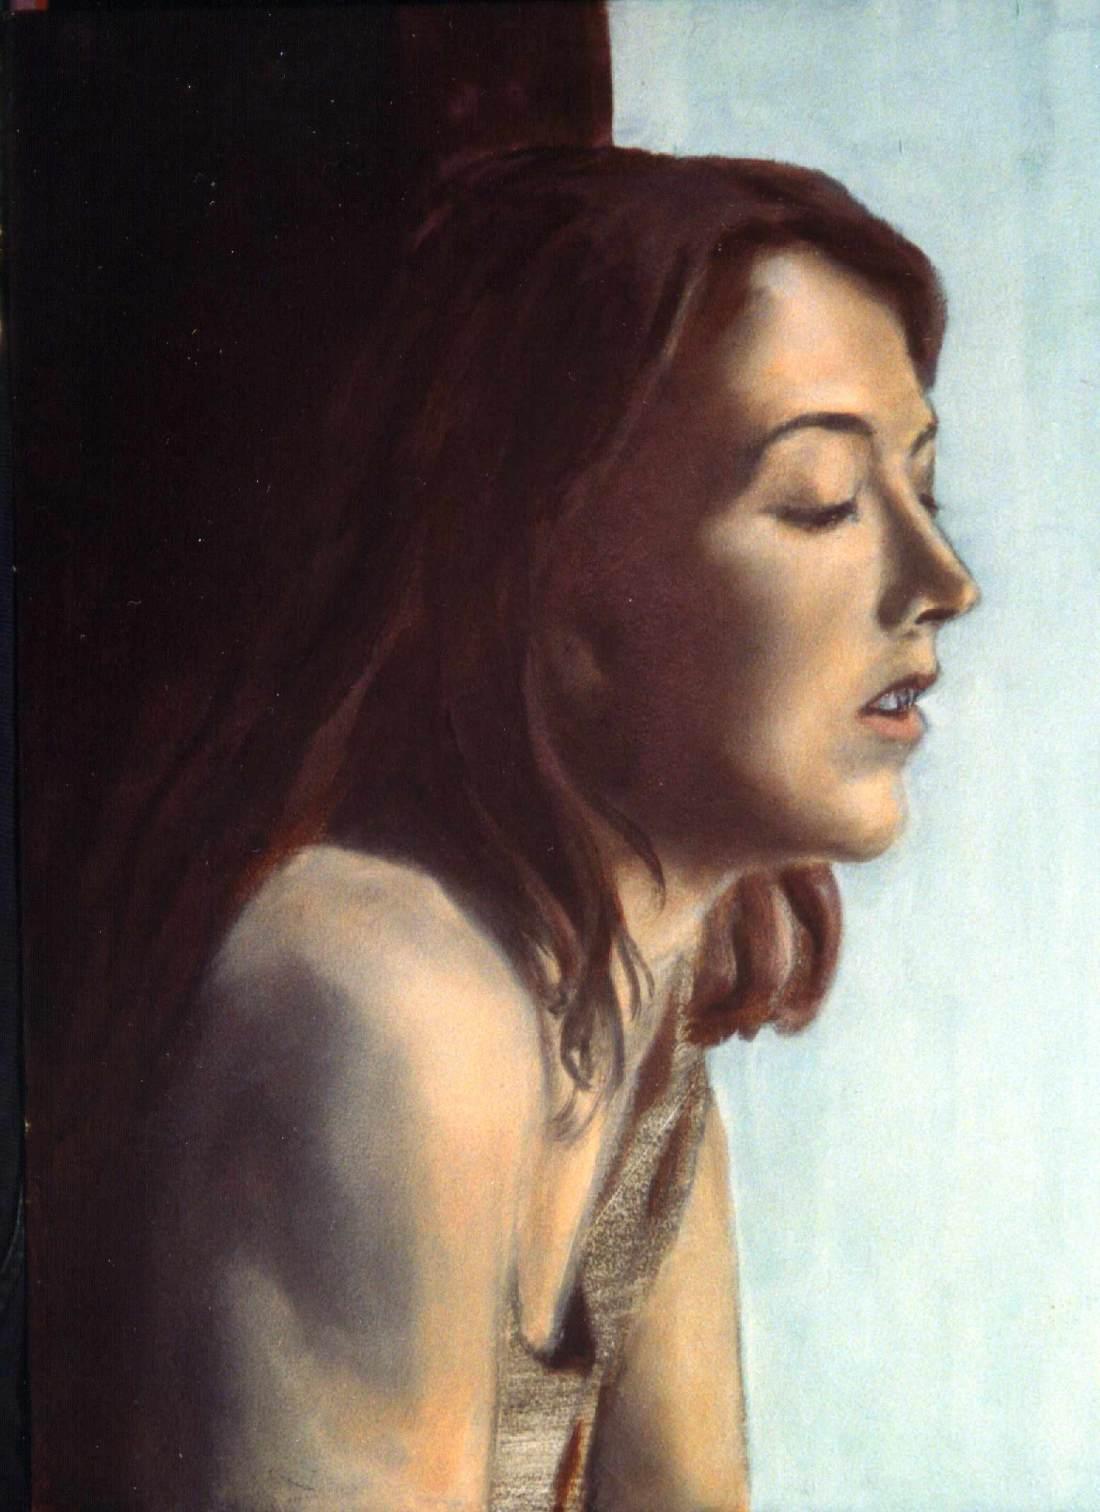 Peering Woman